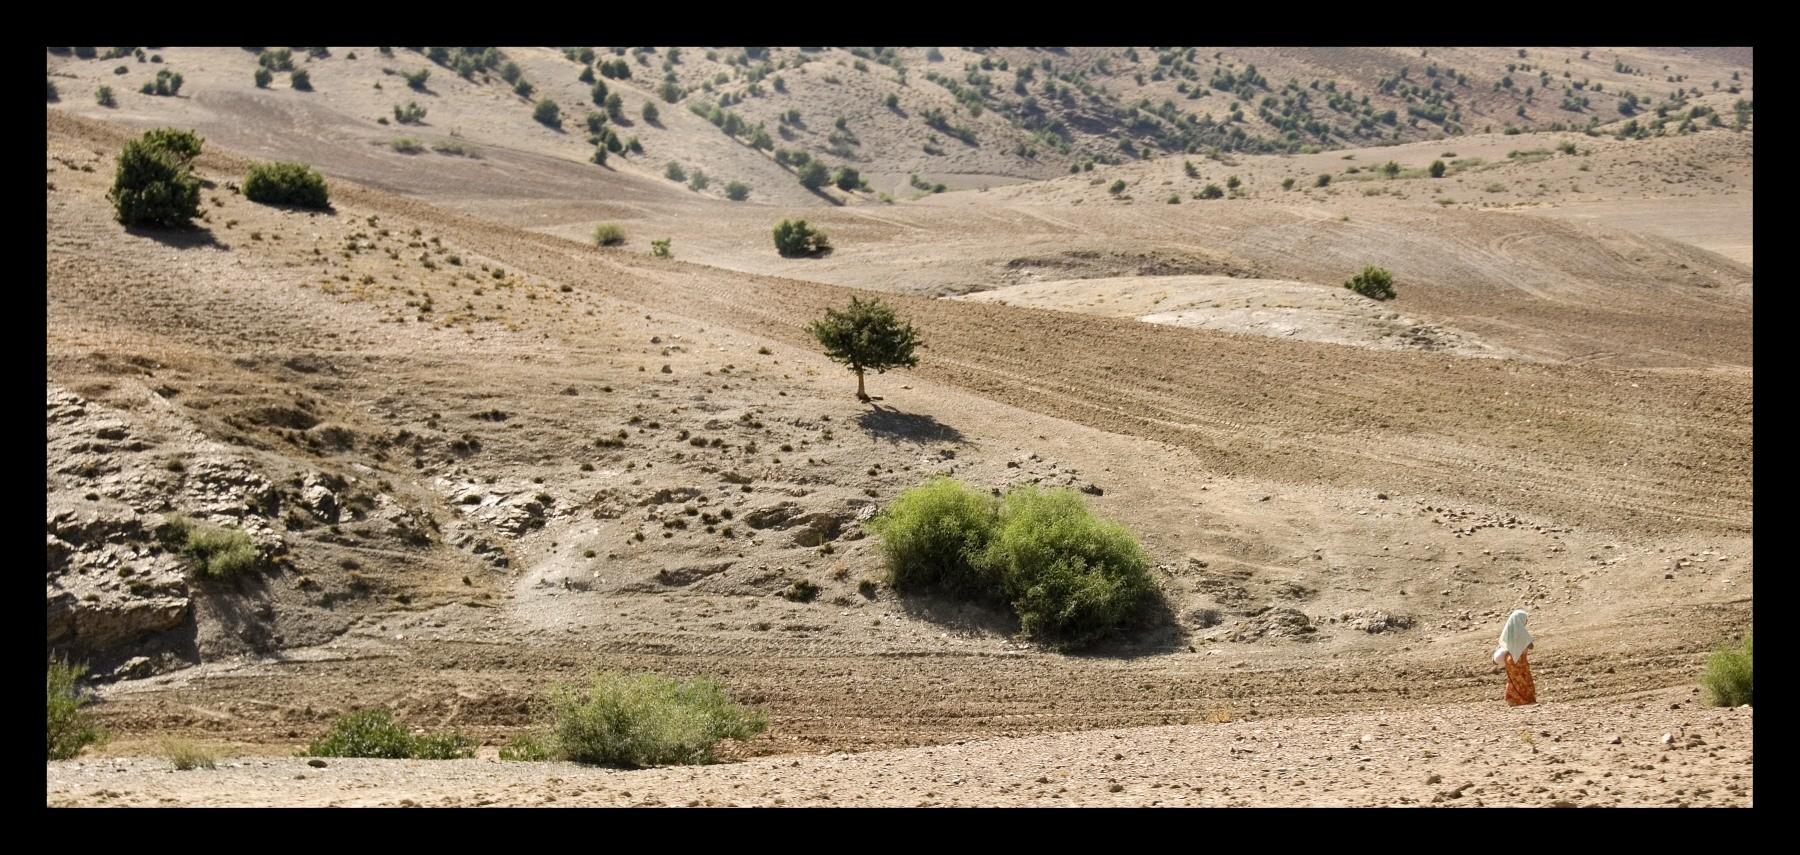 92415_DSC0087 on desert